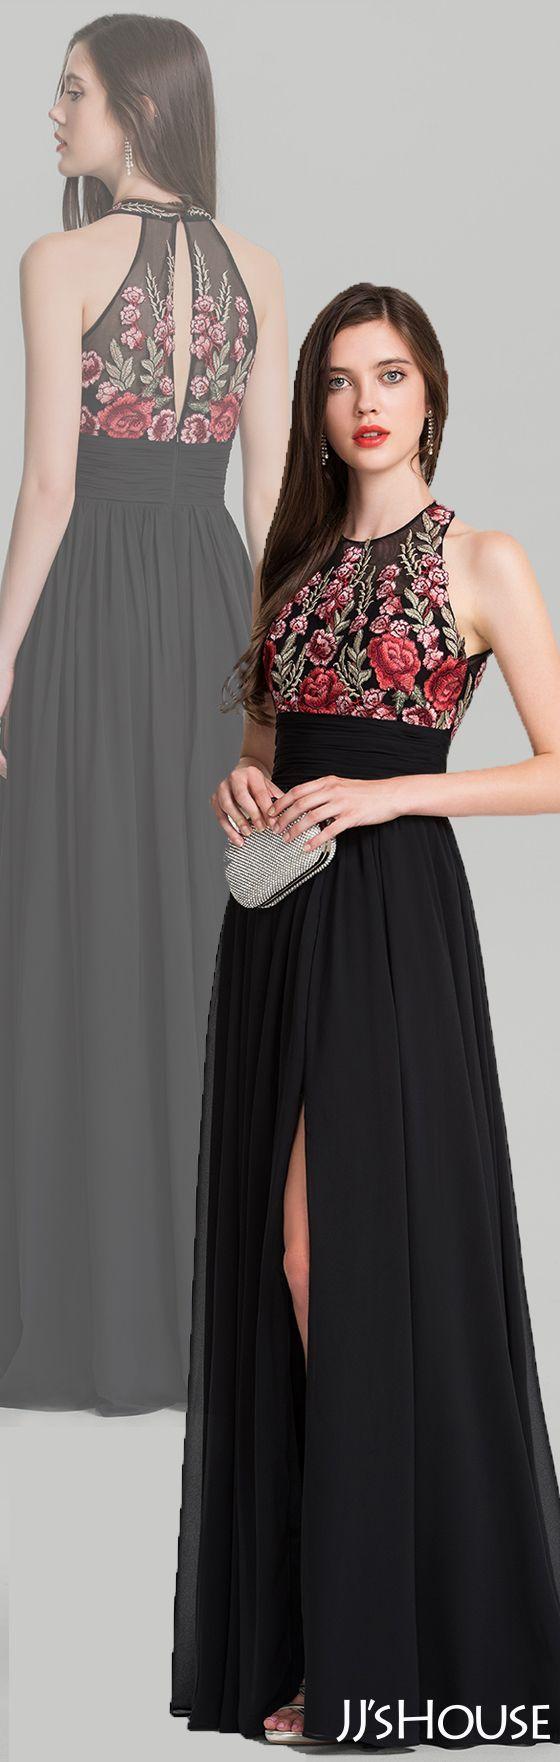 29b68ecbc Beautiful pattern and perfect evening dress!  JJsHouse  Evening ...